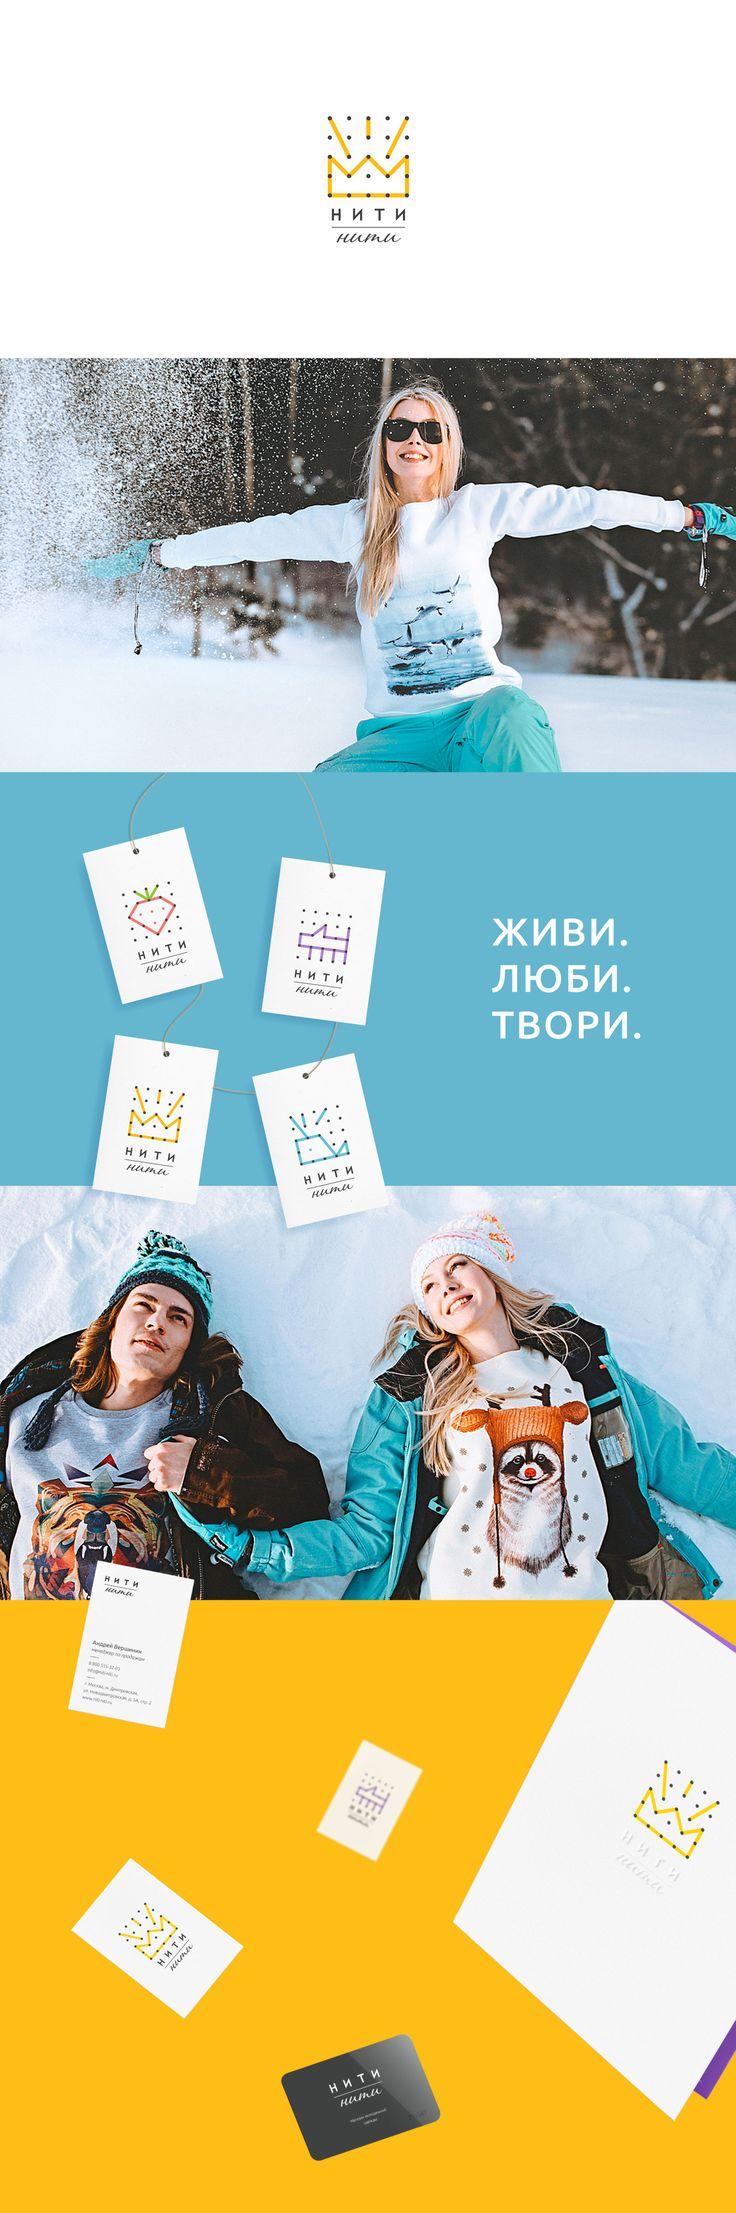 Нити Нити: Брендбук, Полиграфия, Разработка логотипа, Ребрендинг, рестайлинг, Товарный брендинг, Дизайн упаковки и дизайн этикетки, Создание сайта